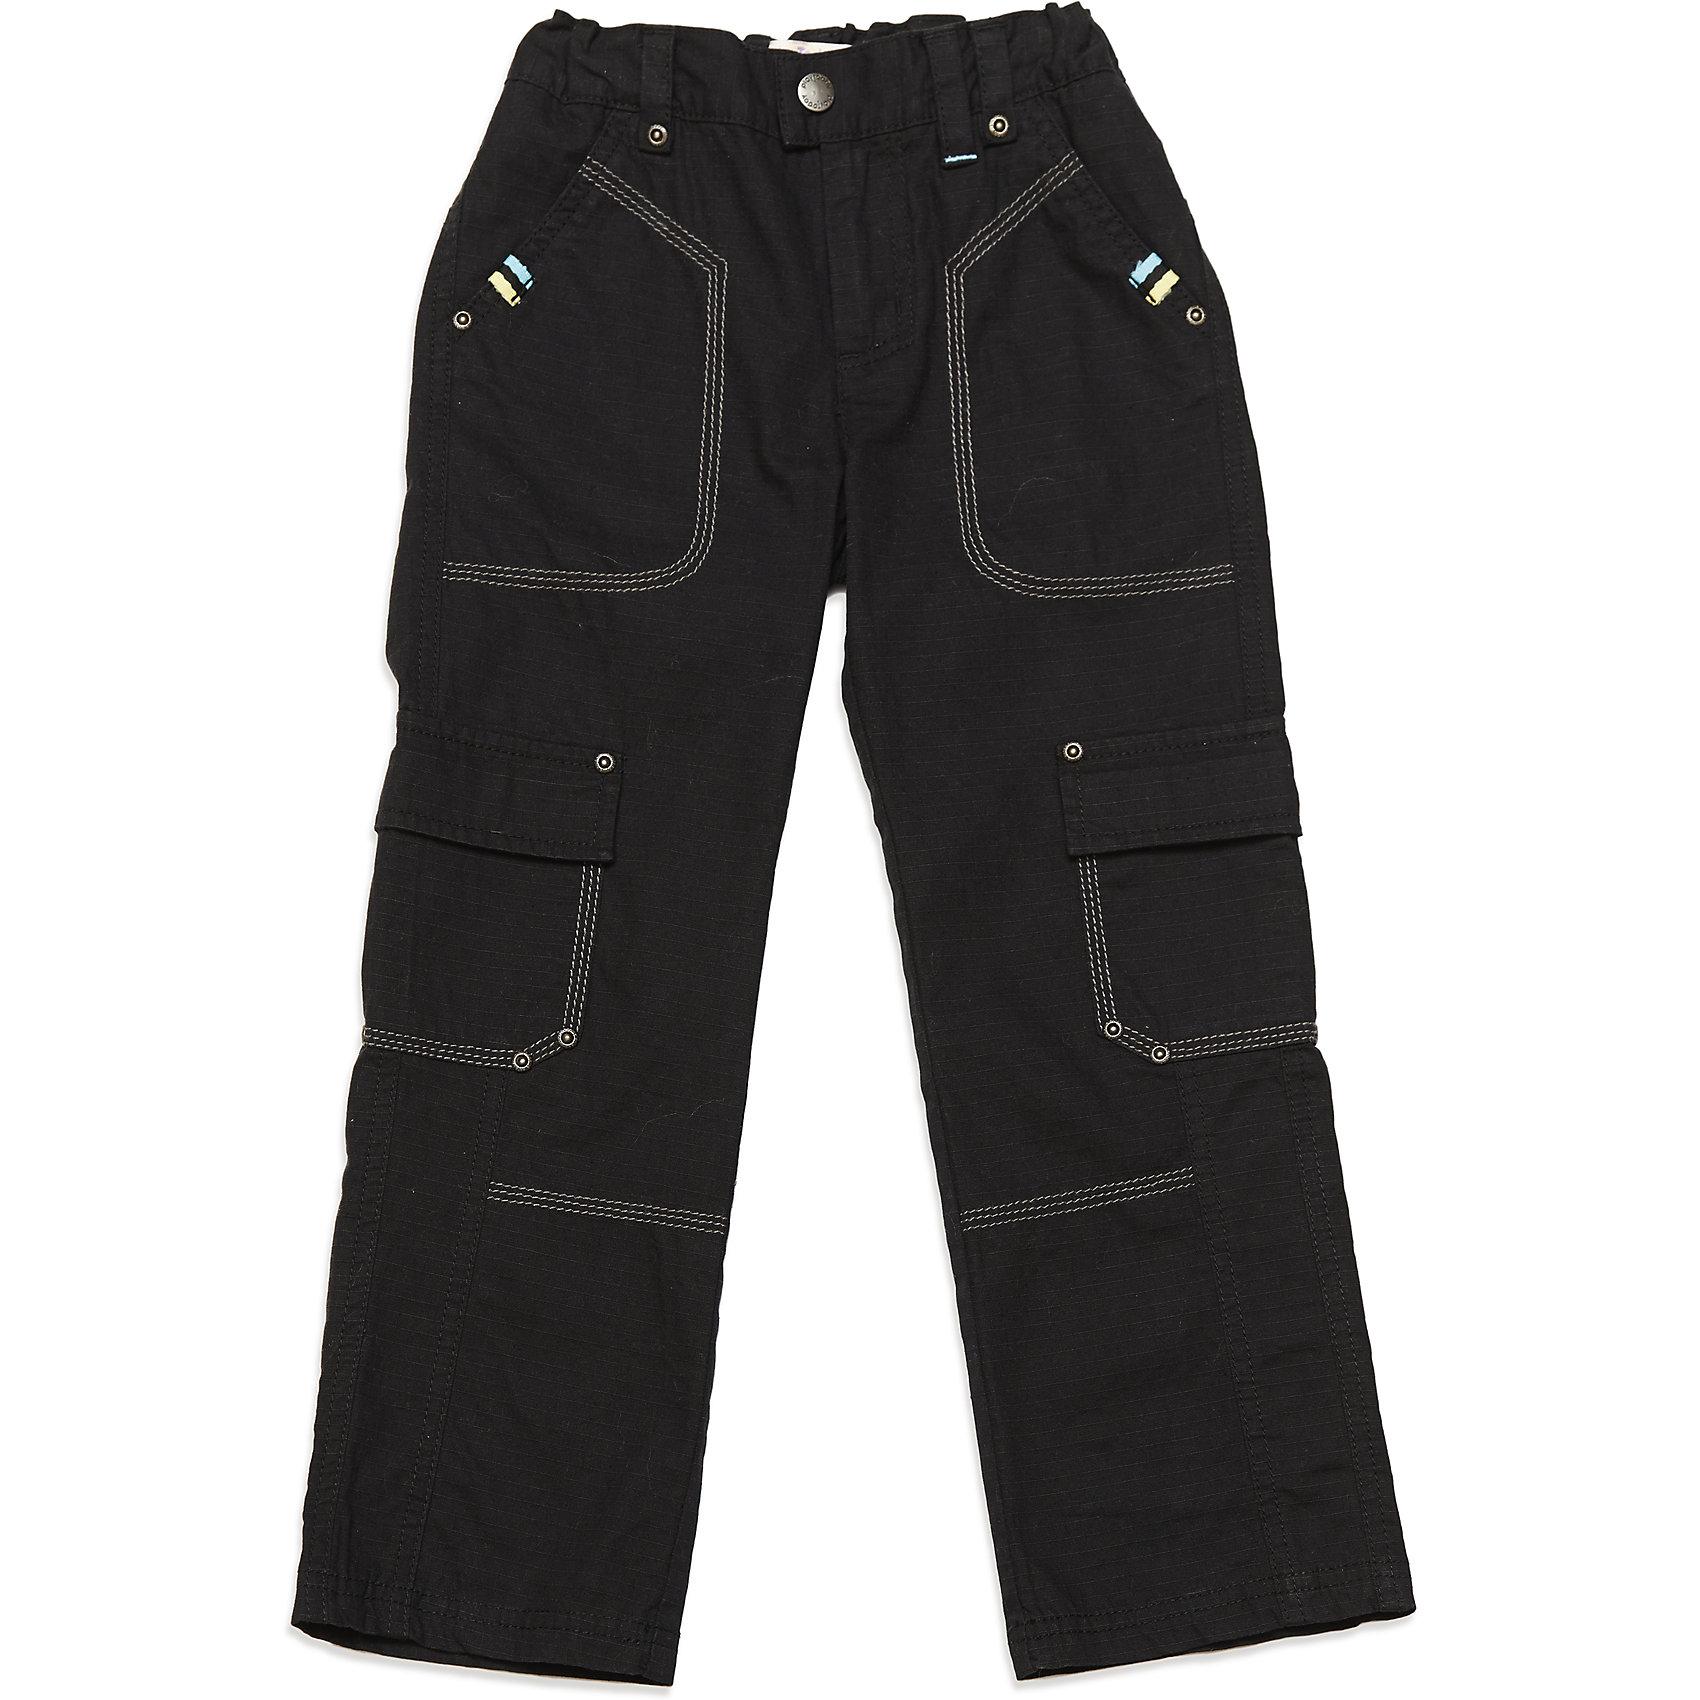 Брюки для мальчика PlayTodayБрюки<br>Брюки для мальчика от известного бренда PlayToday.<br>* брюки на трикотажной подкладке<br>* пояс регулируется внутренней резинкой<br>* застежка - молния, пуговица<br>* модель в стиле casual со множеством функциональных карманов: боковые прорезные функциональные карманы и накладные карманы с клапанами на липучке<br>* низ брюк на внутренней резинке<br>Состав:<br>Верх: 100% хлопок, подкладка:100% полиэстер<br><br>Ширина мм: 215<br>Глубина мм: 88<br>Высота мм: 191<br>Вес г: 336<br>Цвет: синий<br>Возраст от месяцев: 36<br>Возраст до месяцев: 48<br>Пол: Мужской<br>Возраст: Детский<br>Размер: 104,122,98,116,110,128<br>SKU: 4900179